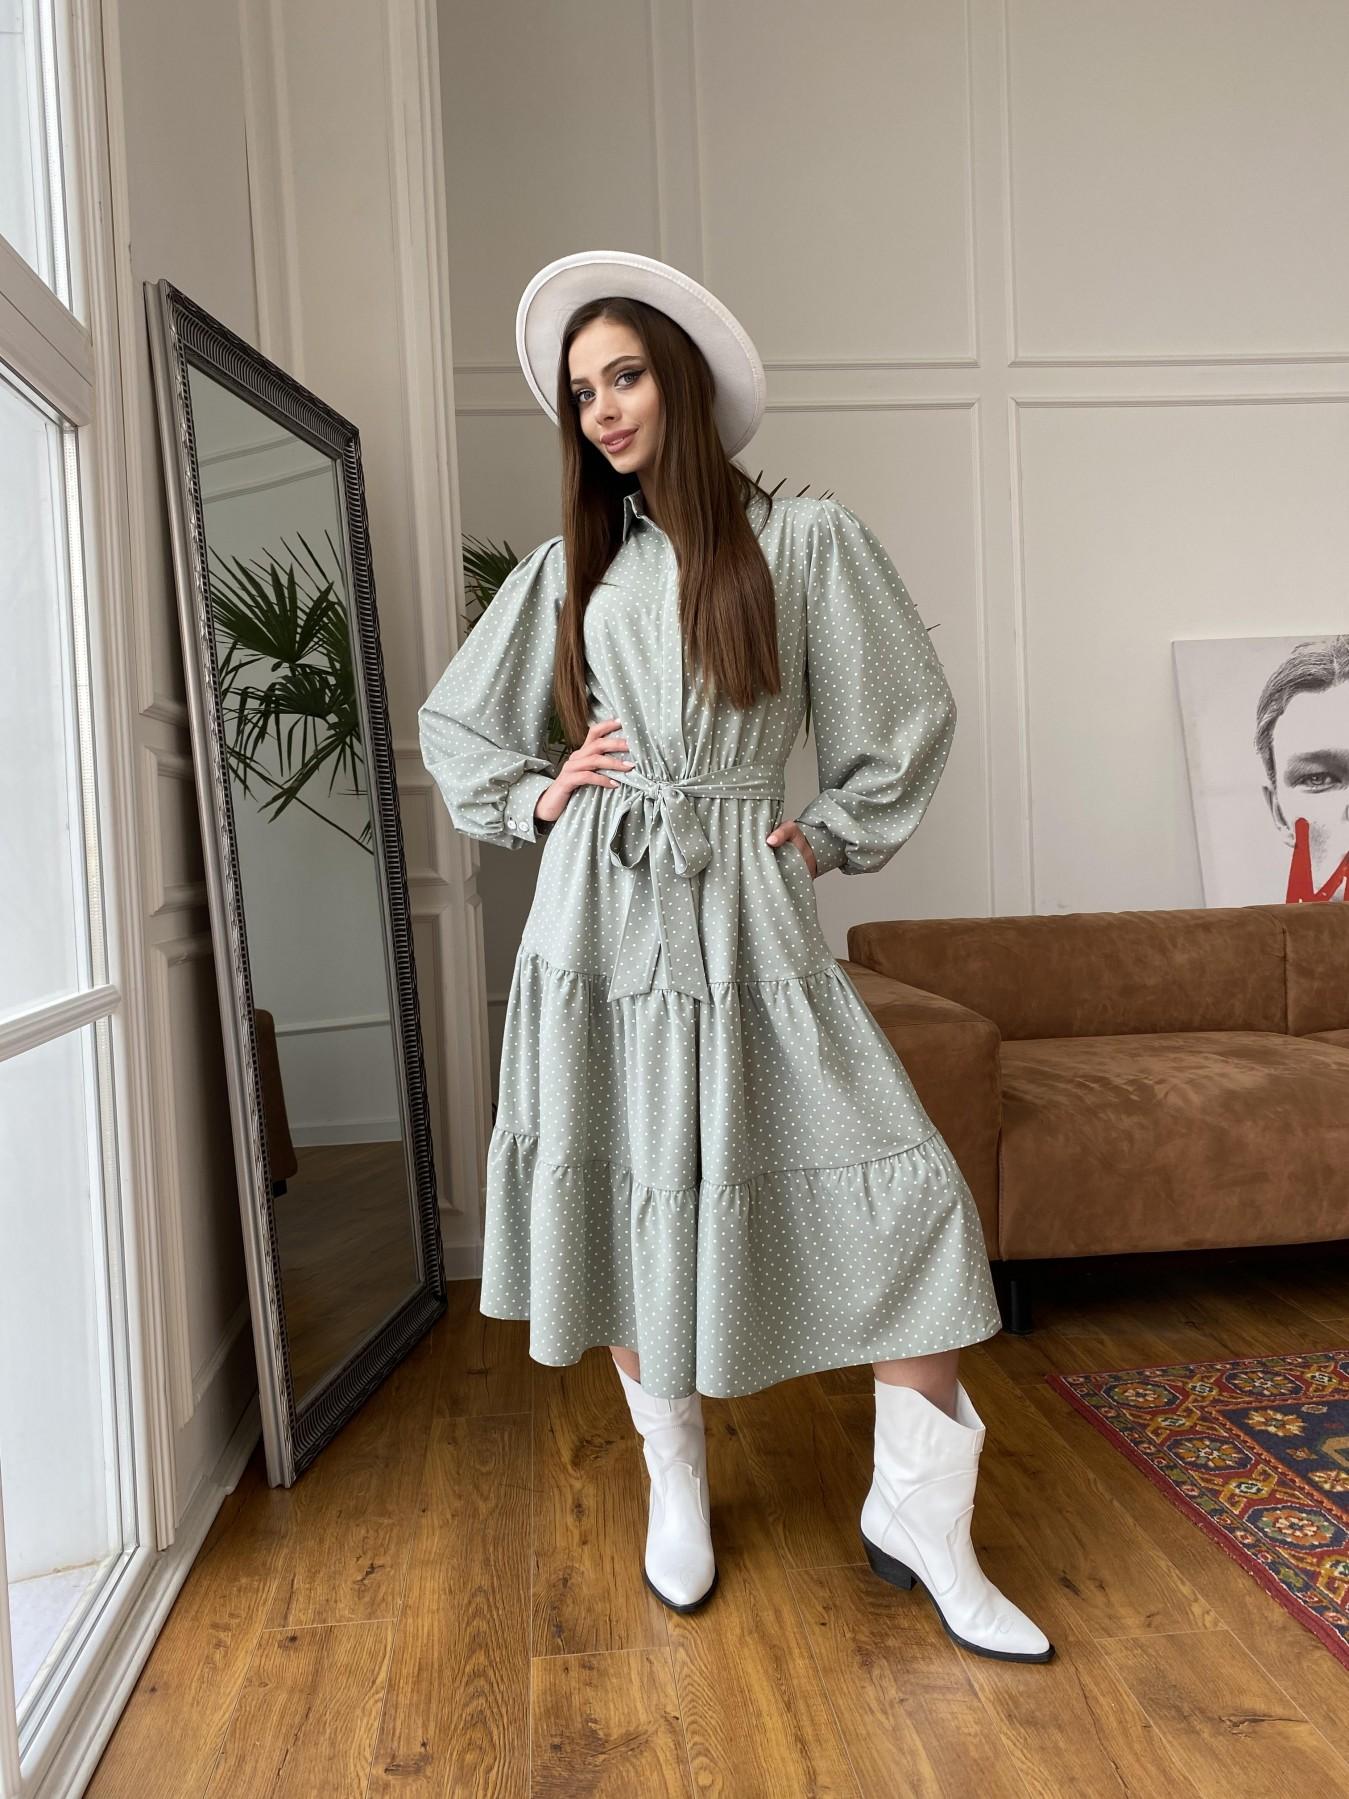 Лилия платье из софта с принтом 11108 АРТ. 47589 Цвет: Олива/ГорохБелыйМелк - фото 6, интернет магазин tm-modus.ru